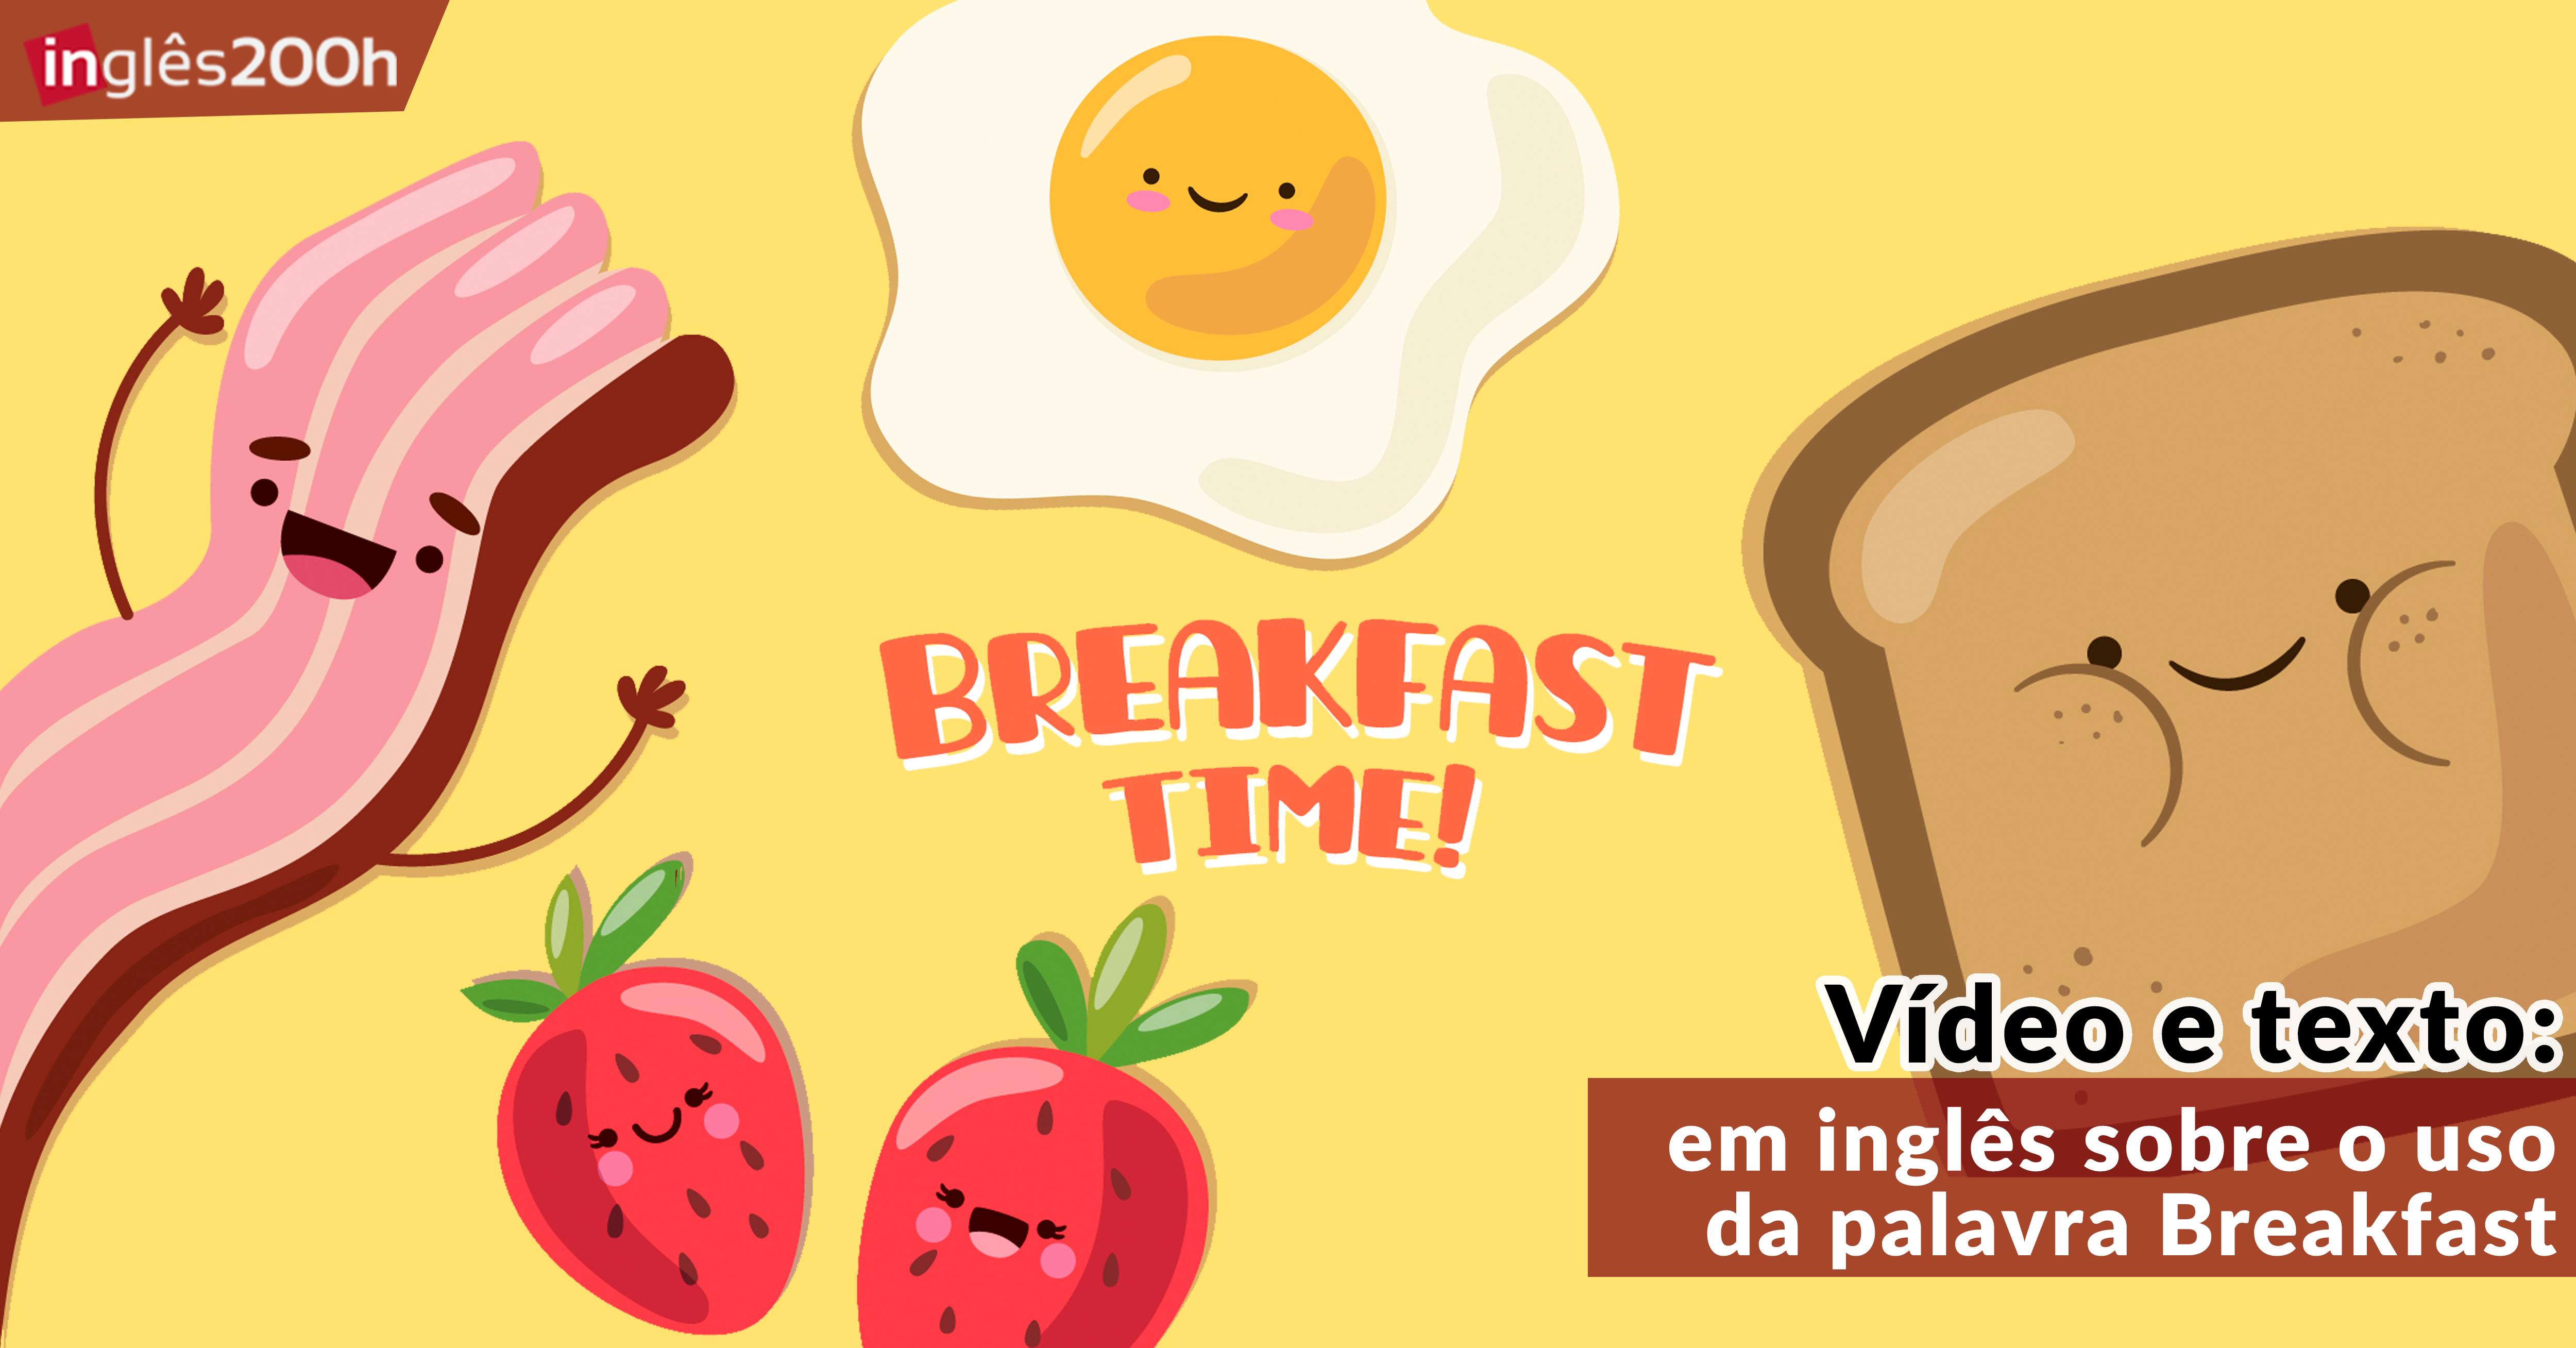 Vídeo e texto em inglês sobre o uso da palavra Breakfast